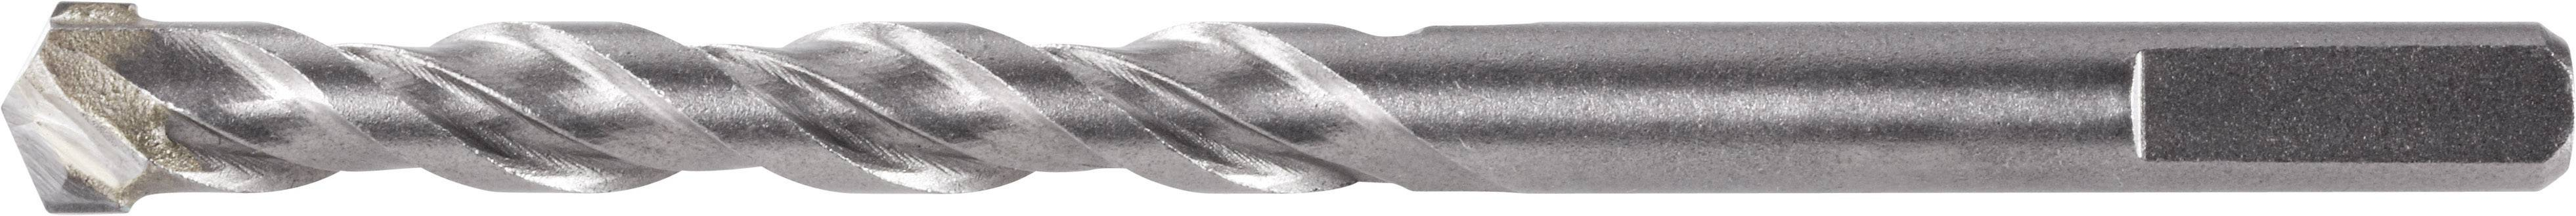 Centrovací vrták Heller 25957 6, Ø 9 mm